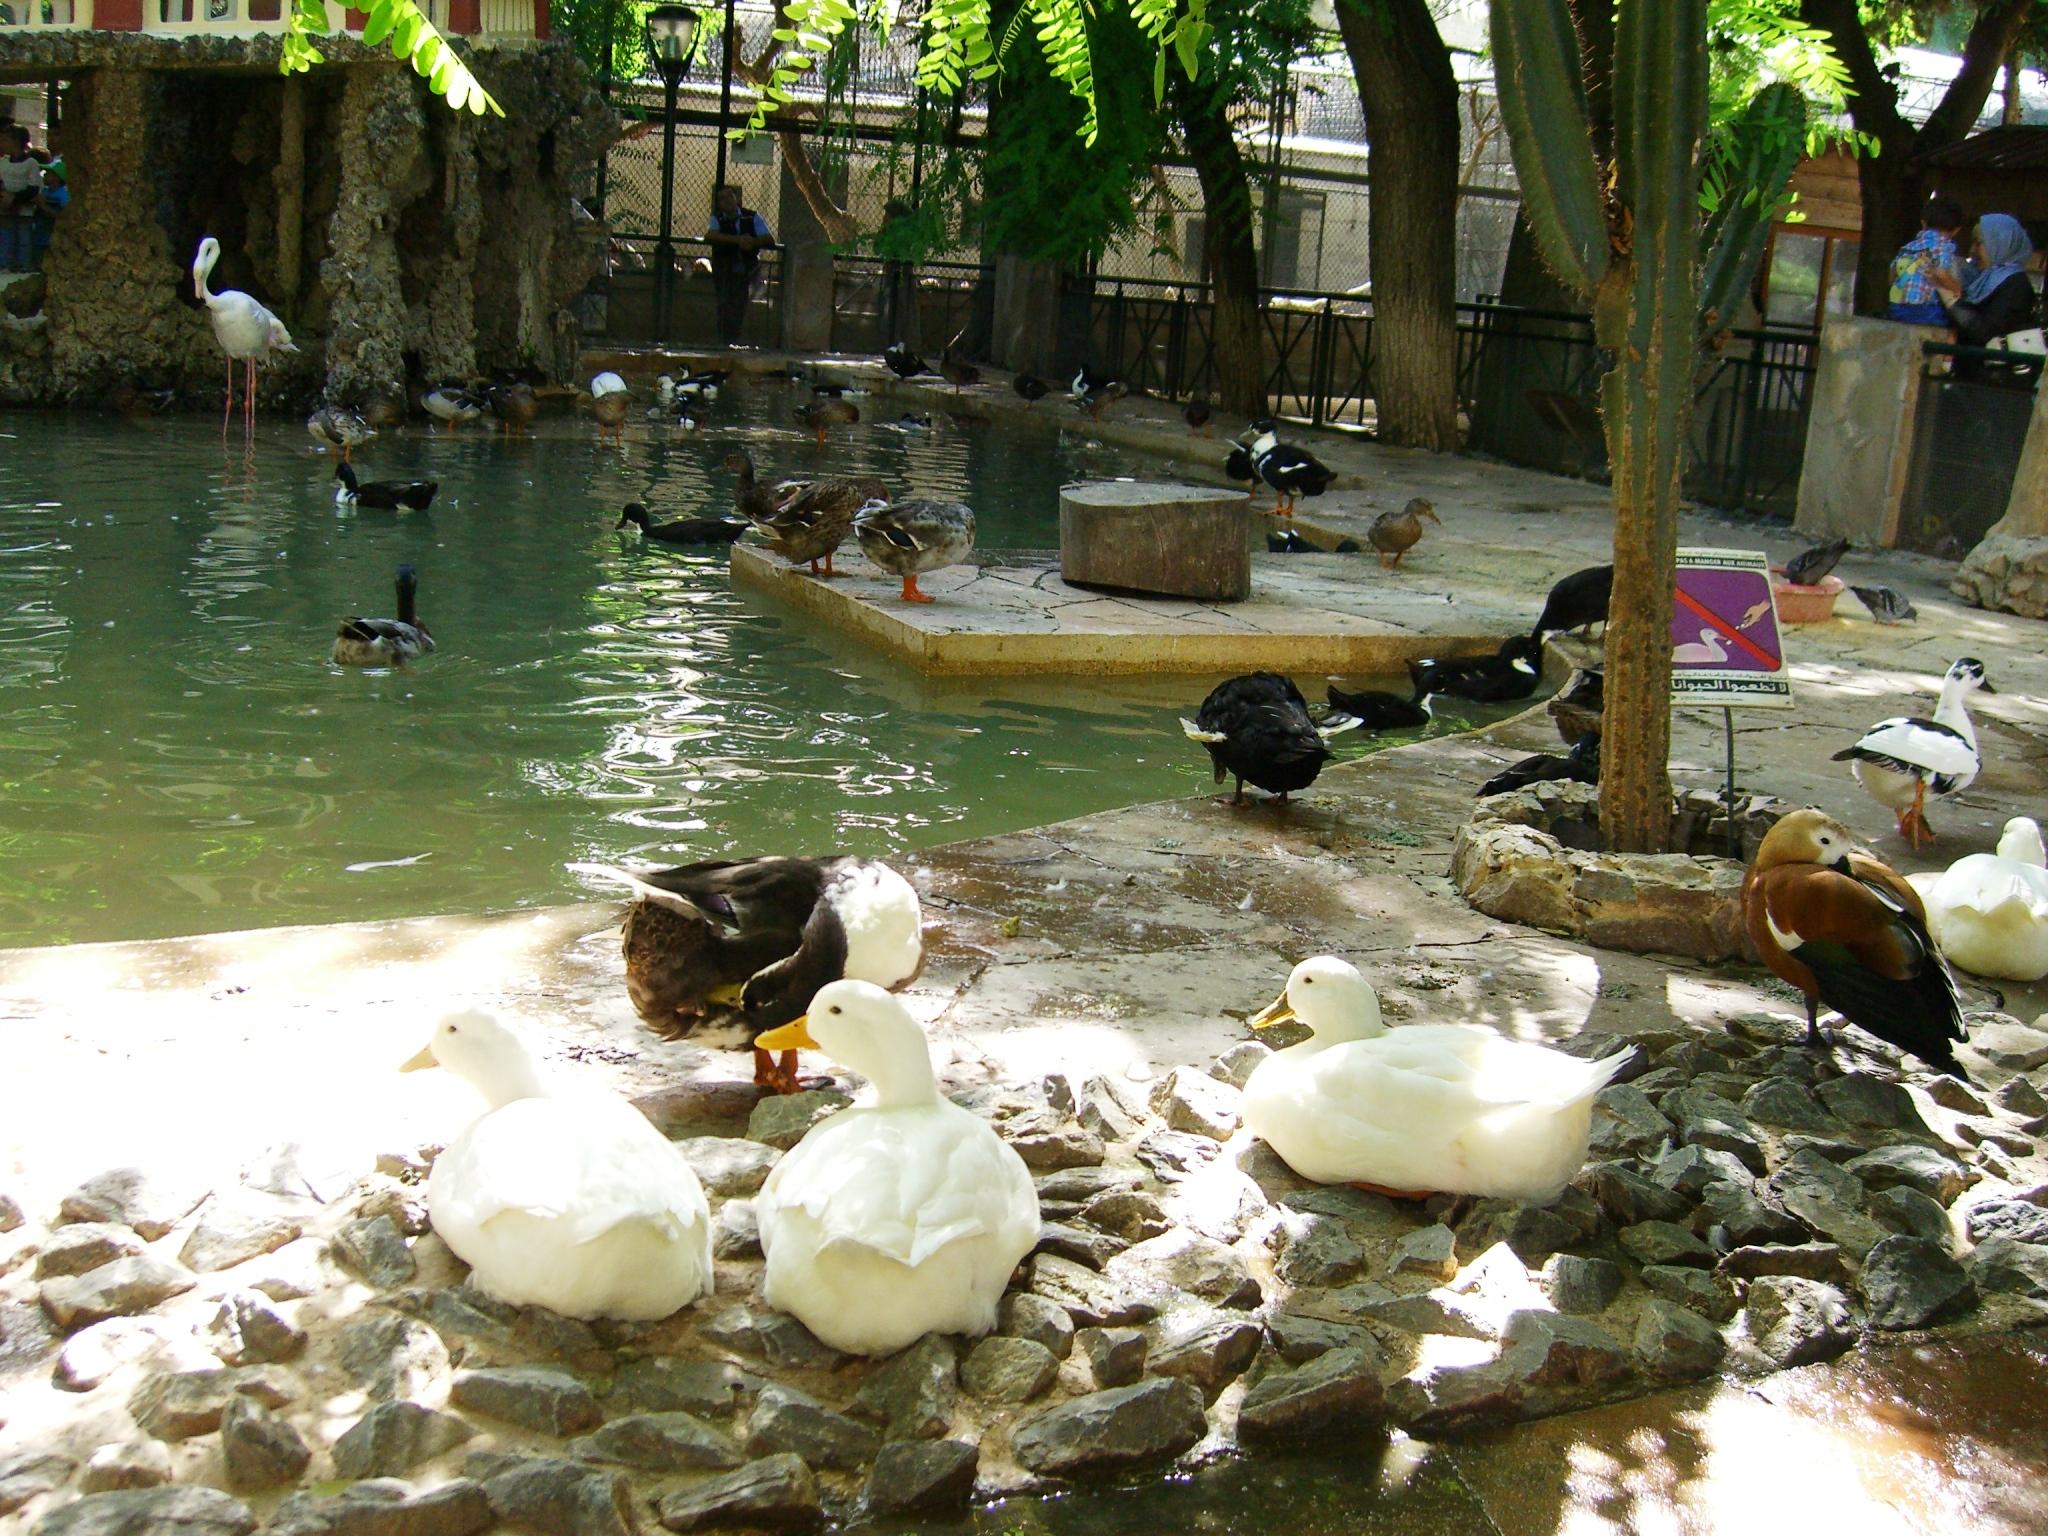 Modèle De Bassin De Jardin intérieur fichier:bassin des palmipèdes - jardin d'essai el hamma - alger